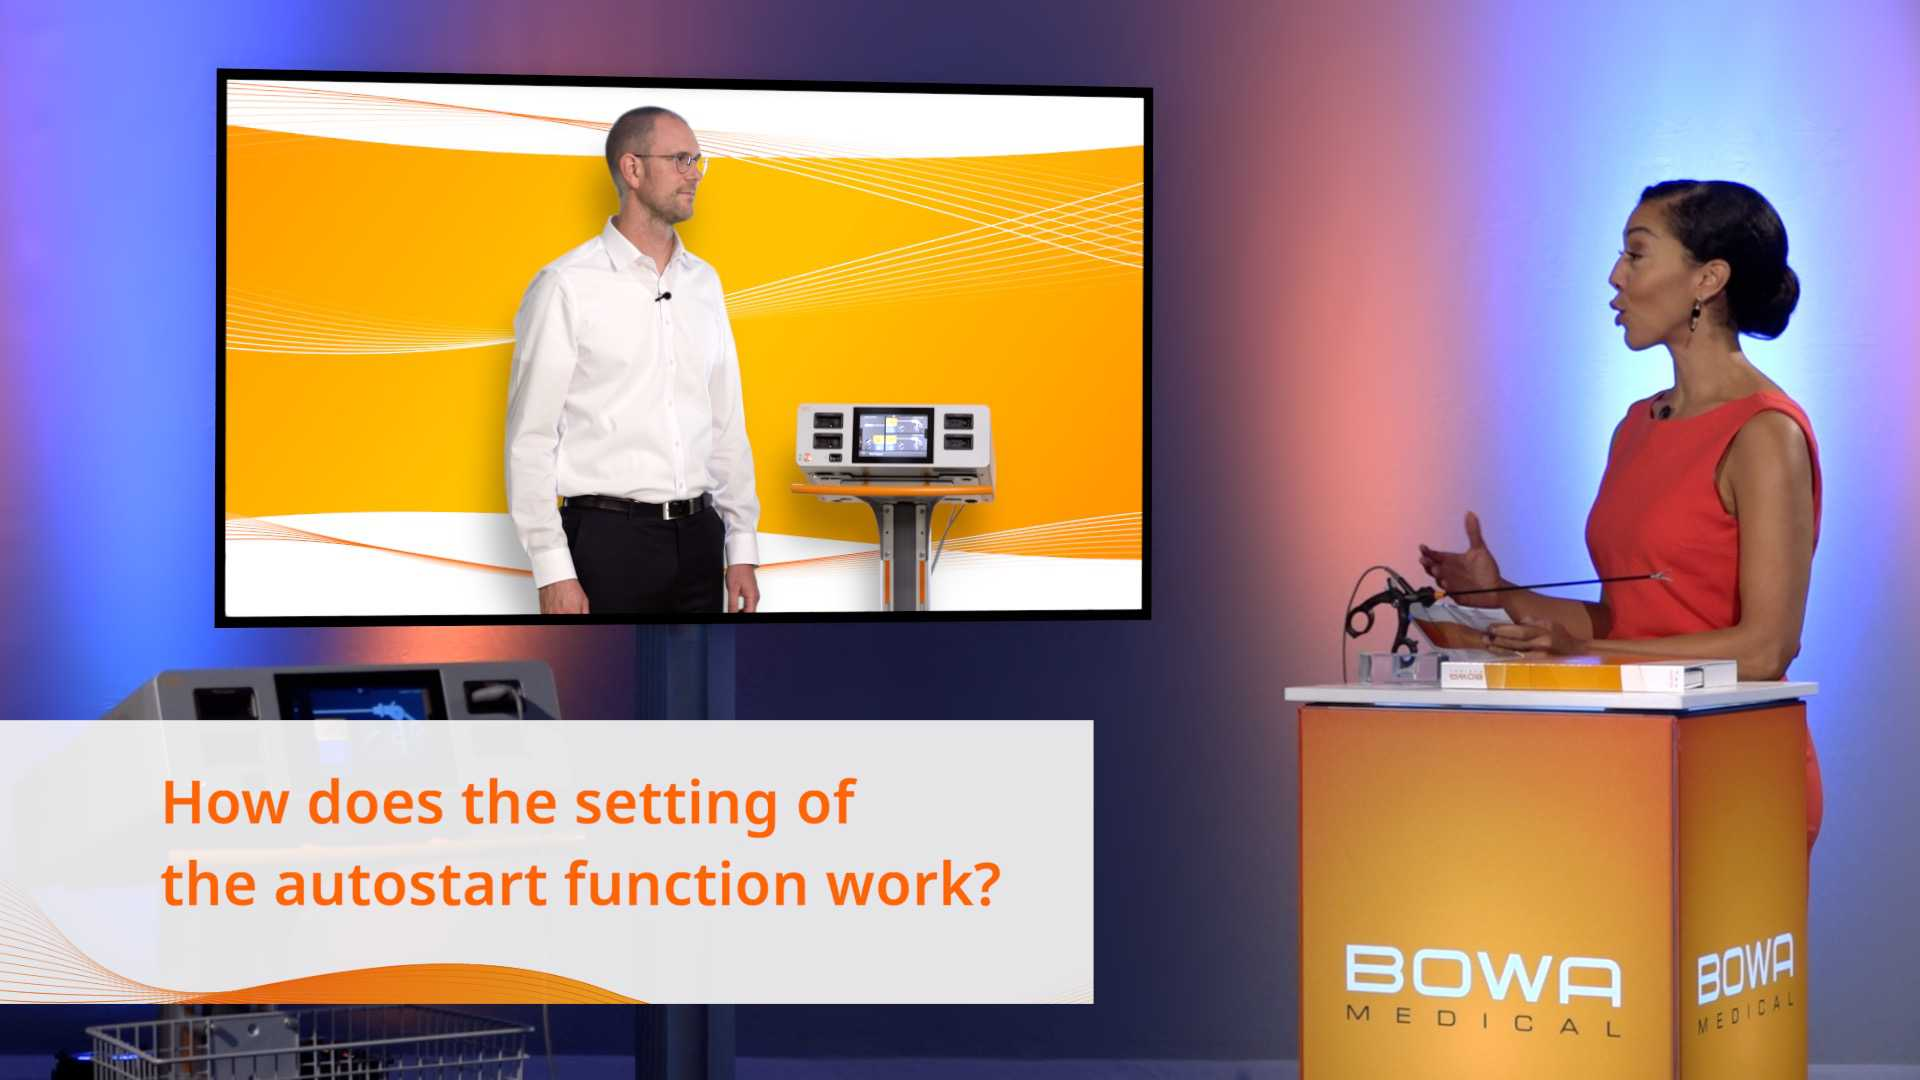 FAQ-Bowa